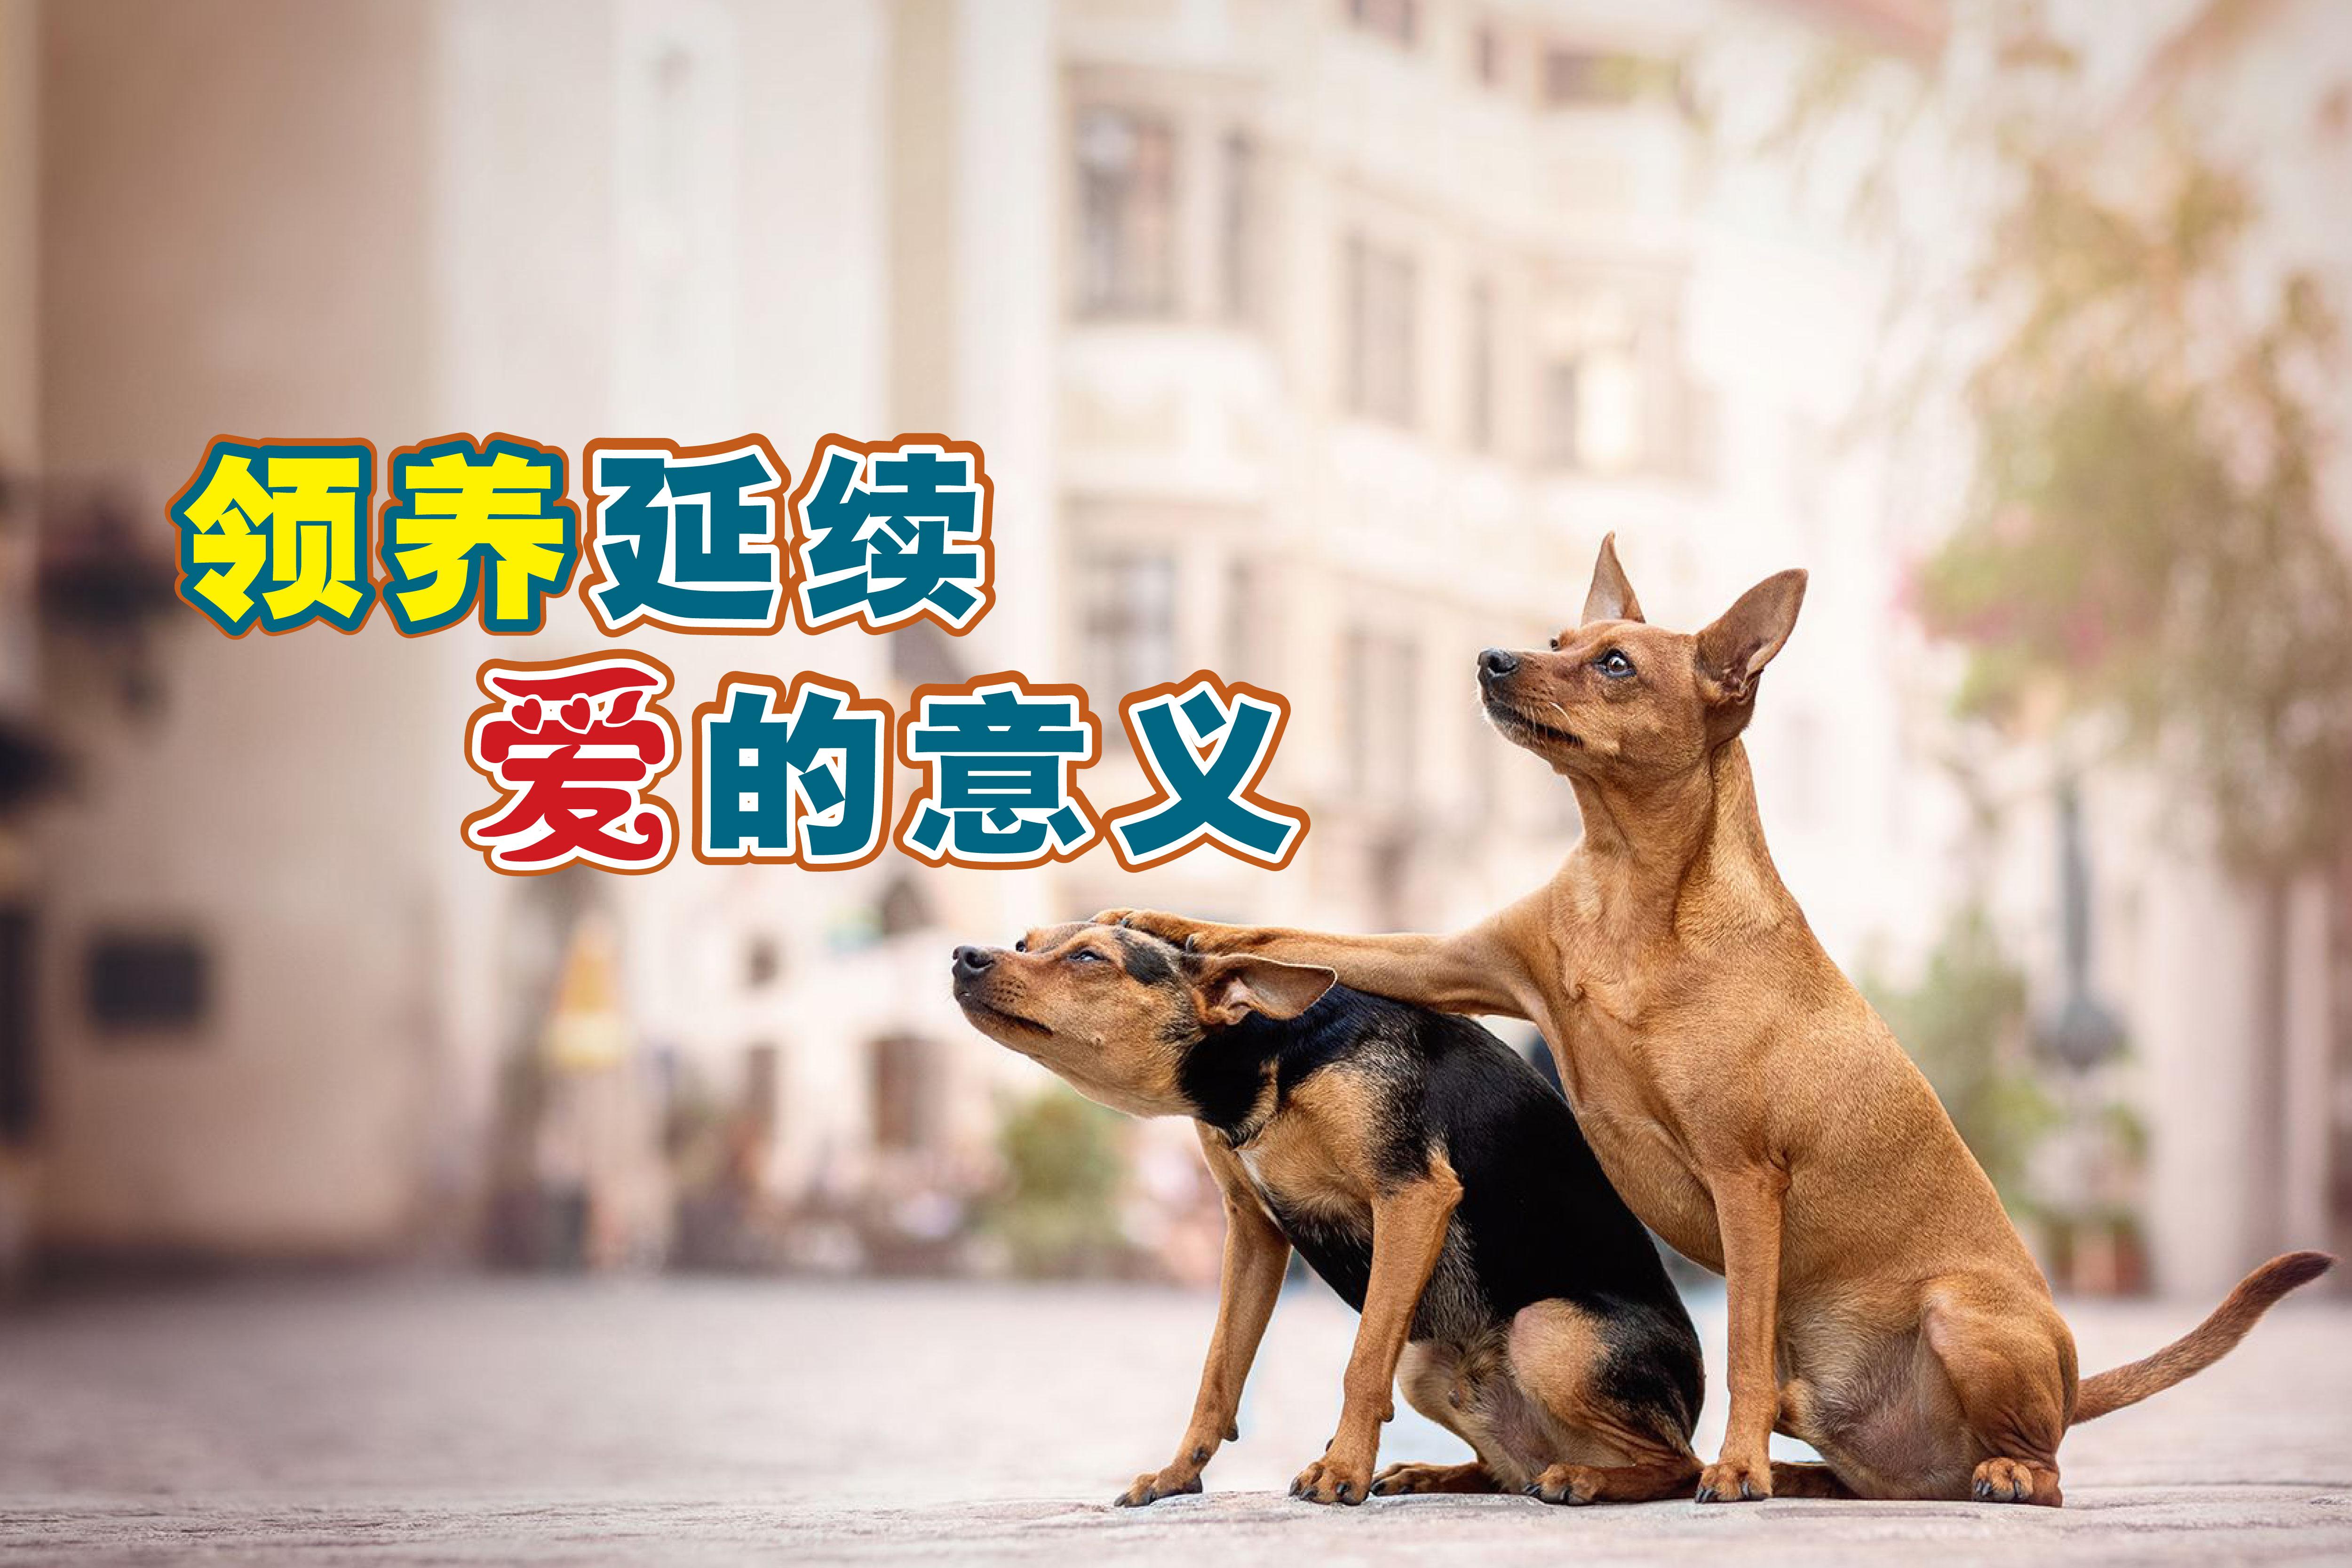 猫狗的生命有两次,第一次是出生,另一次则是遇见他们的主人。-图取自网络,精彩大马制图-